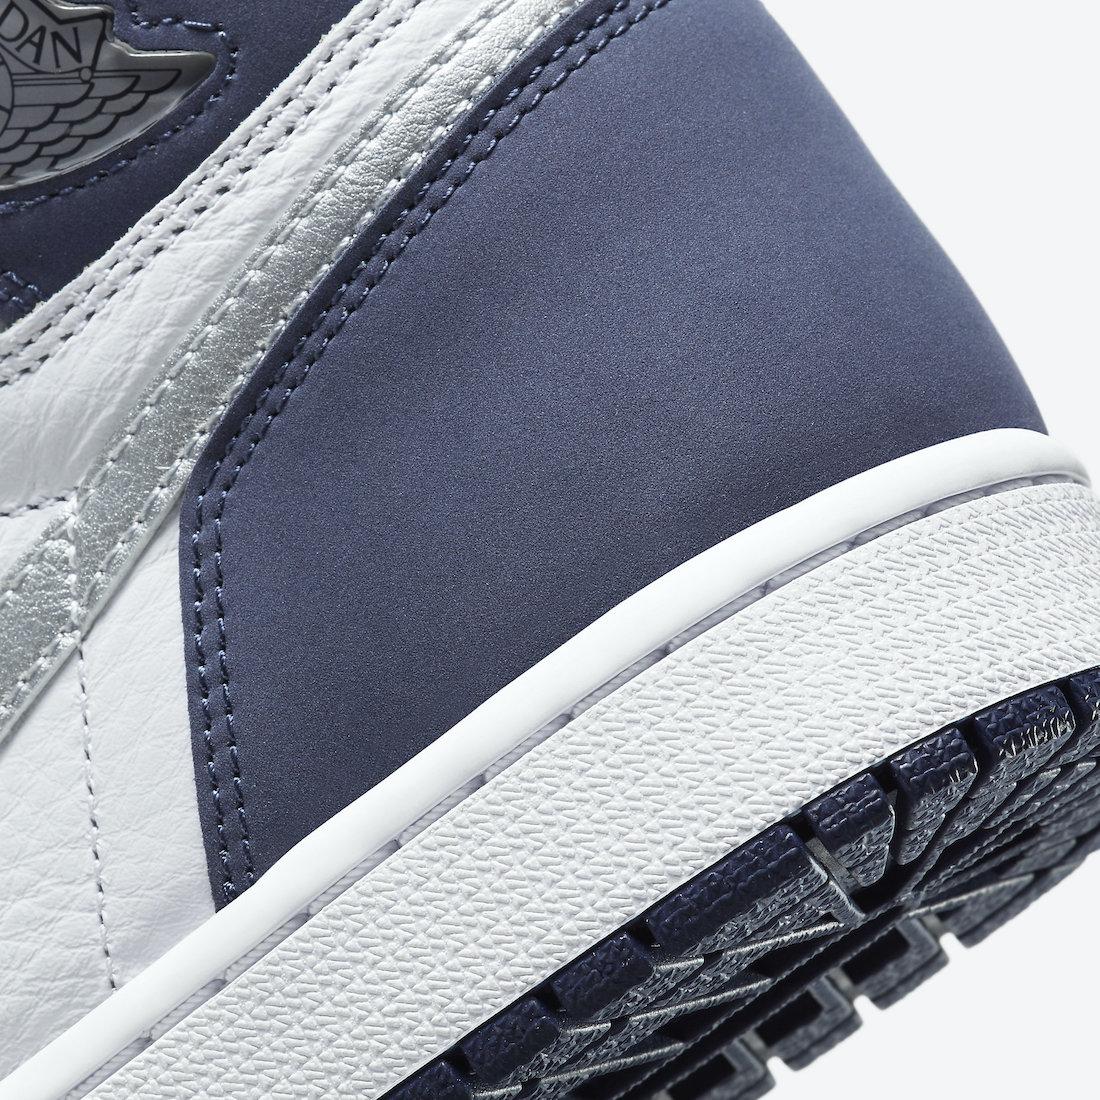 ナイキ エア ジョーダン ミッドナイト ネイビー ジャパン 企画 日本 限定 Nike Air Jordan 1 CO.JP Midnight Navy DC1788-100 closer look heel